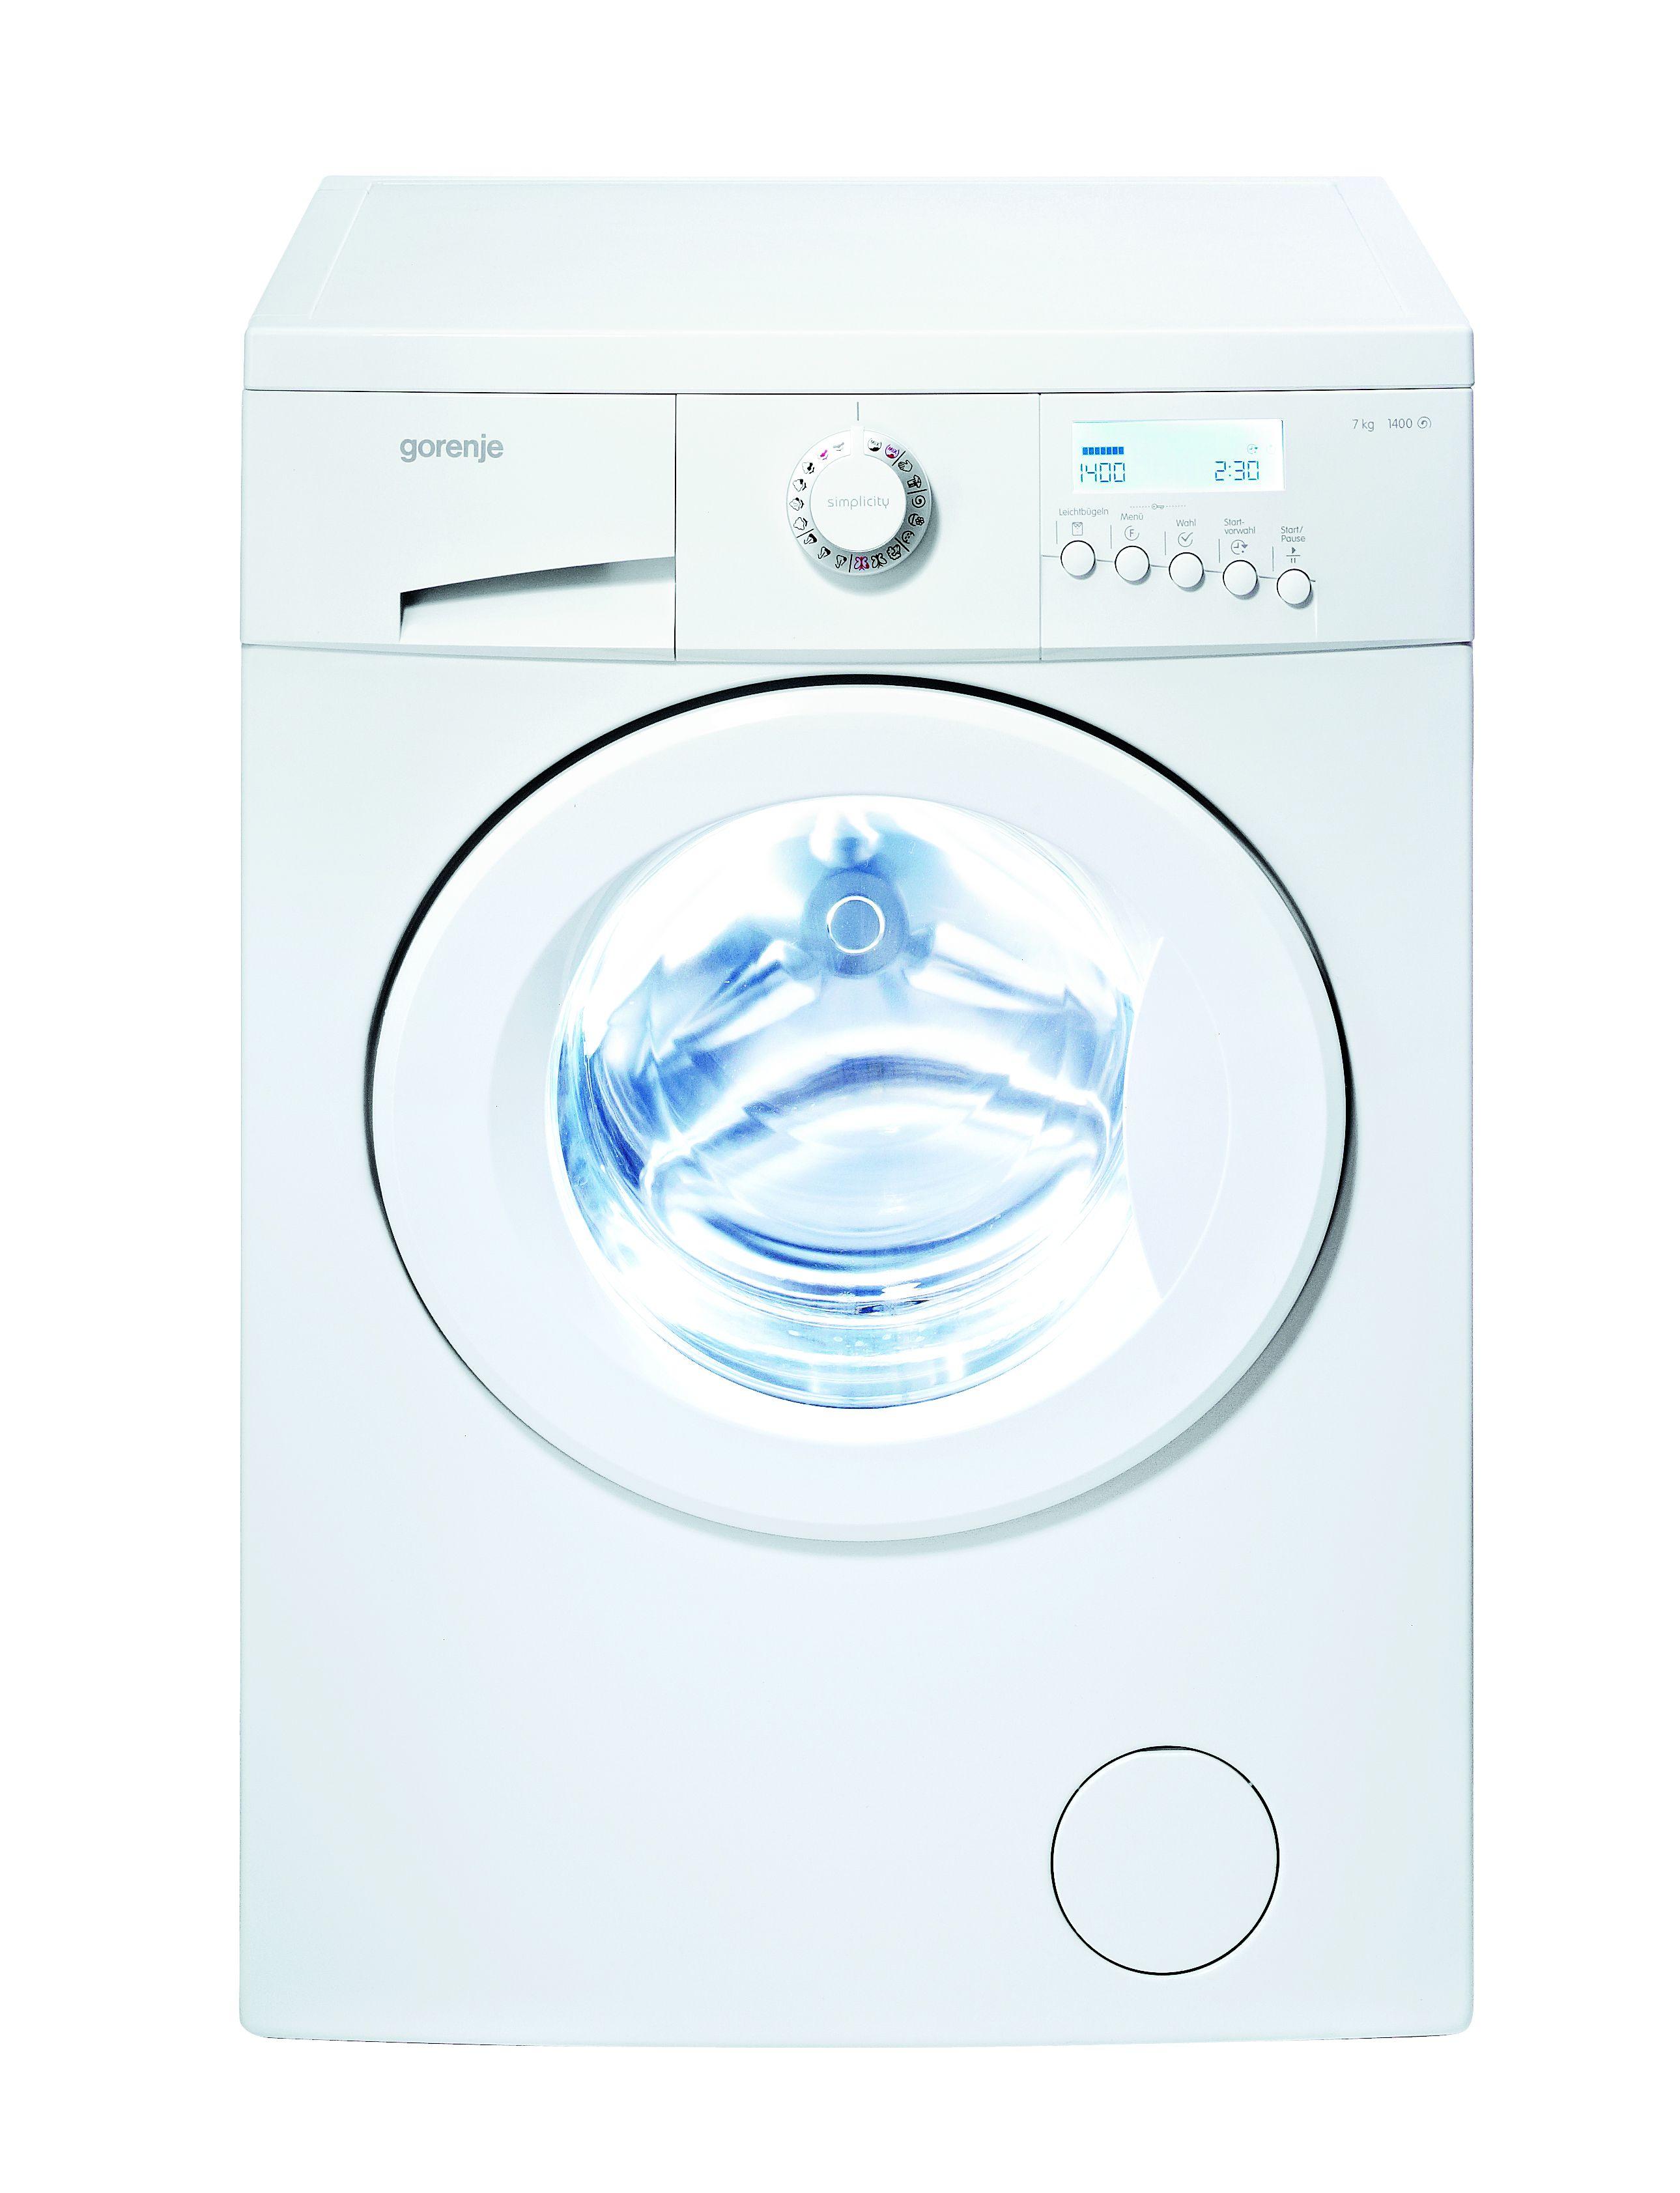 gorenje simply white wa 743 syw waschmaschine mit zusatzprogramm sport 30. Black Bedroom Furniture Sets. Home Design Ideas